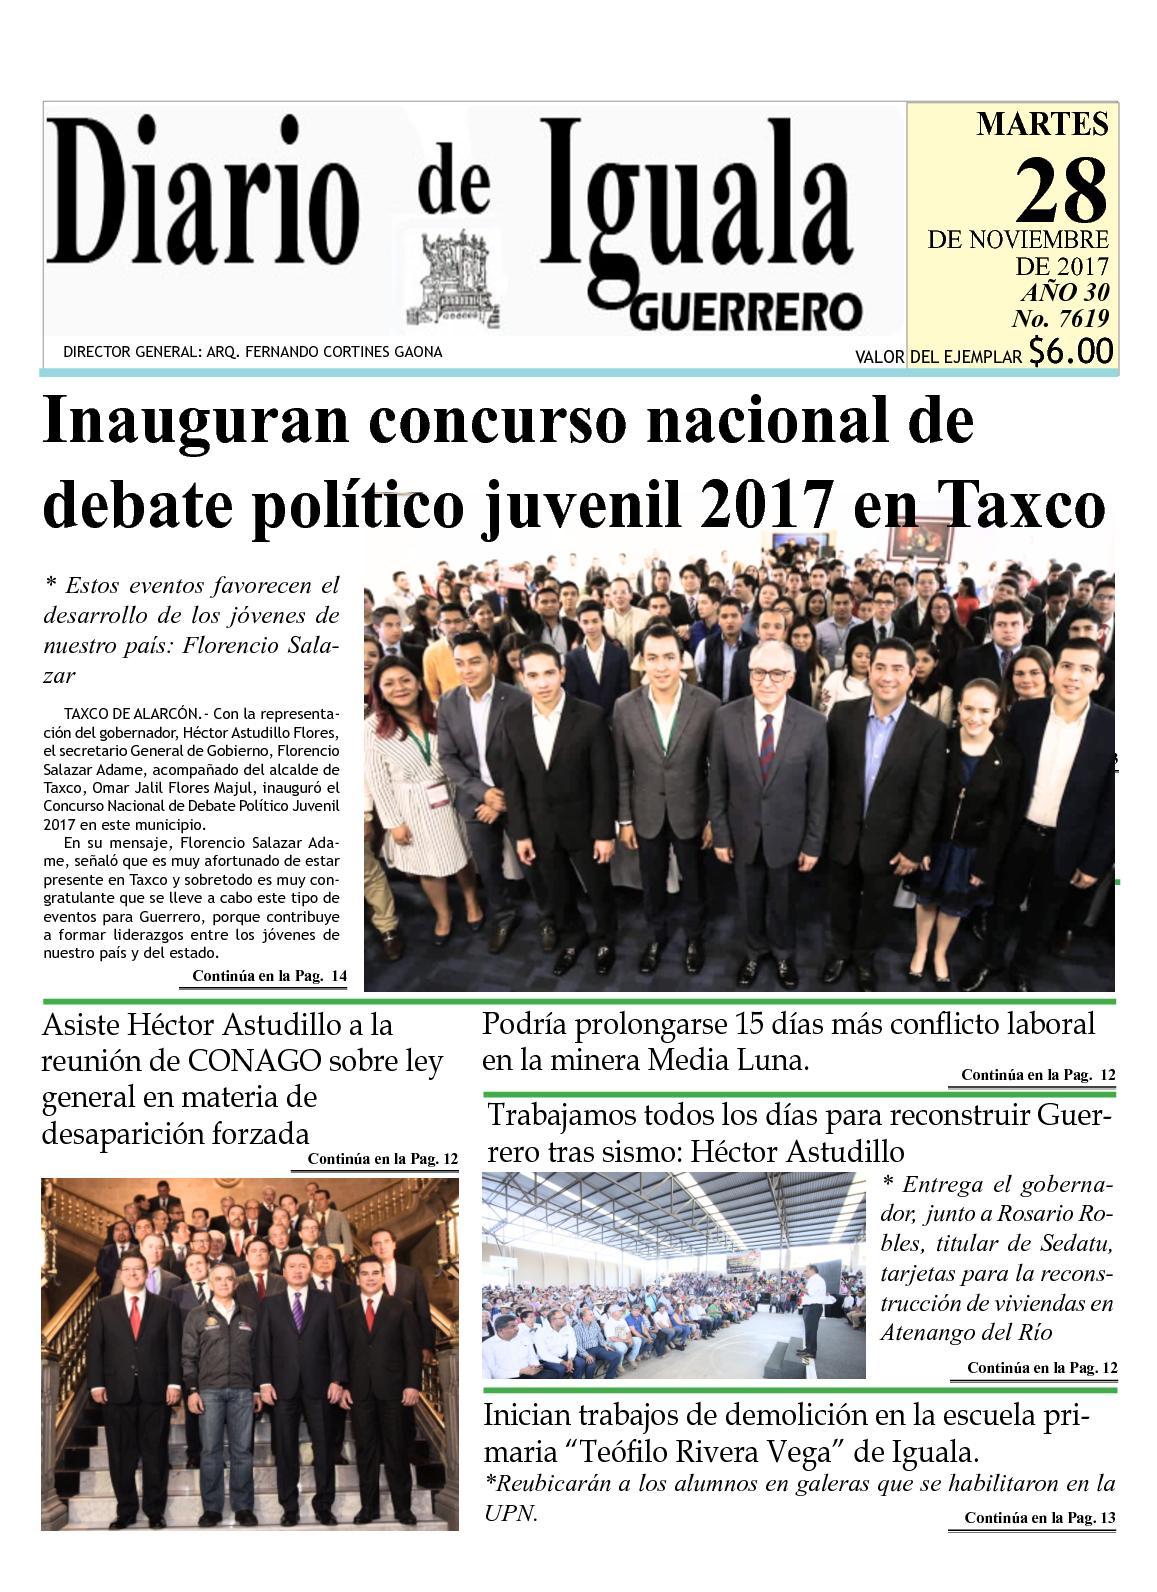 Calaméo - Diario De Iguala Martes 28 De Noviembre De 2017